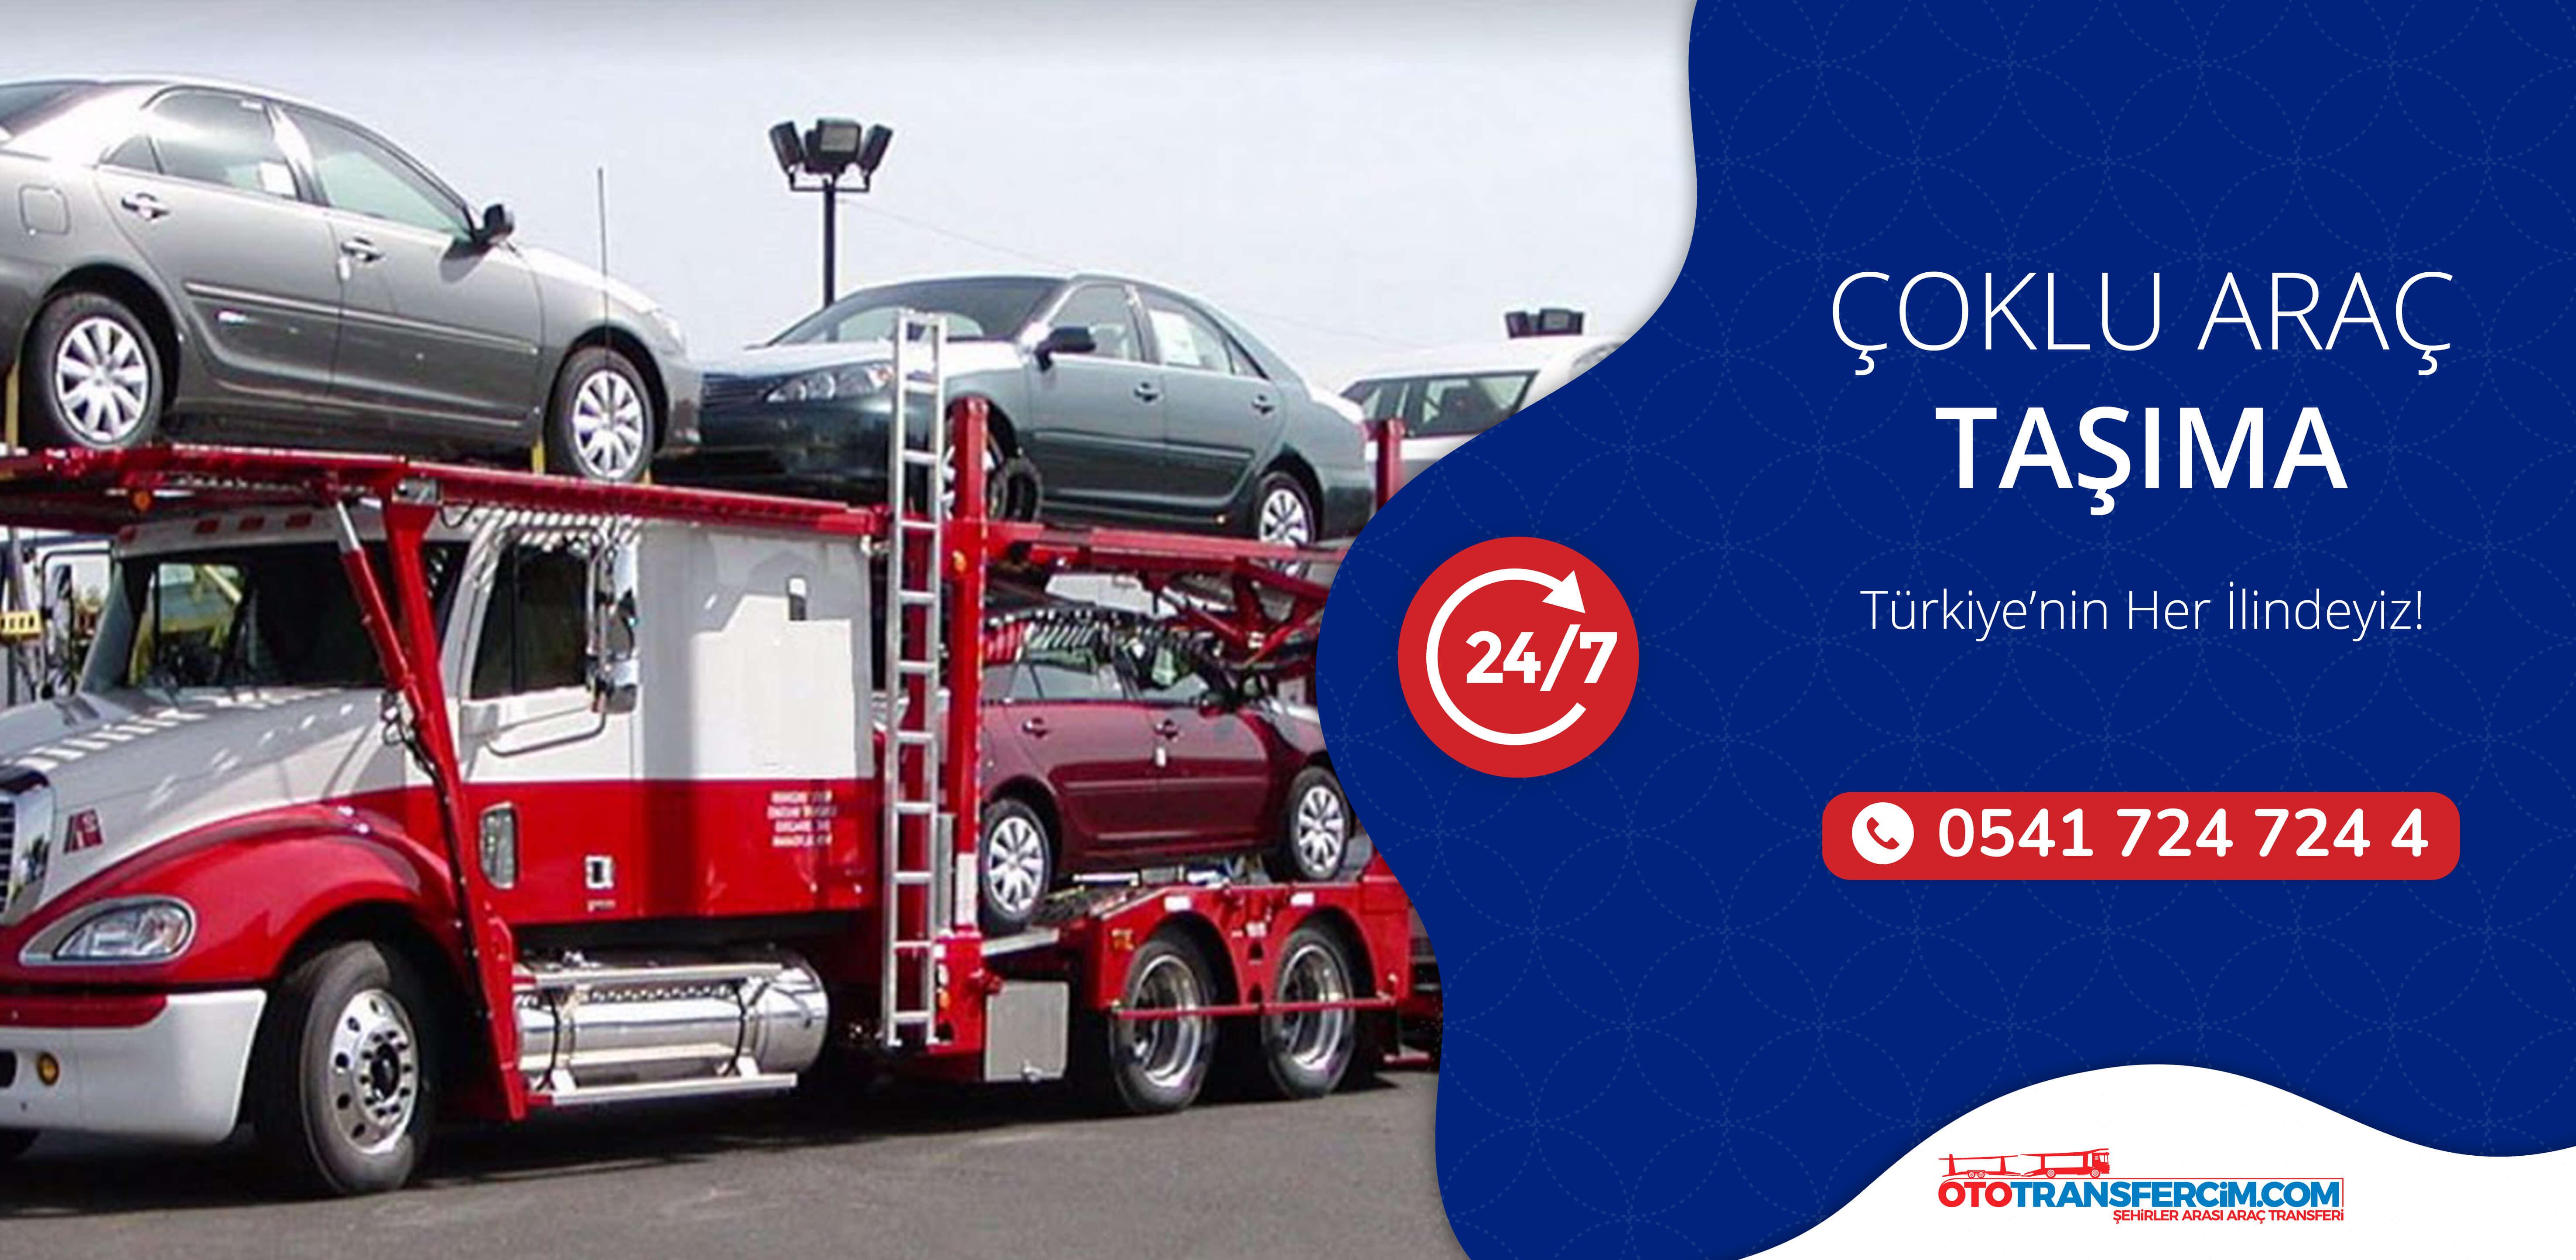 İzmir - Kırıkhan Şehirler Arası Oto Çekici Çoklu Araç Taşıma semtinin neresinde olursanız olun! Yolda kaldığınız da 0541 724 724 4 nolu telefondan bize ulaşın, İzmir - Kırıkhan Şehirler Arası Oto Çekici Çoklu Araç Taşıma Çekicimizi hemen yönlendirelim